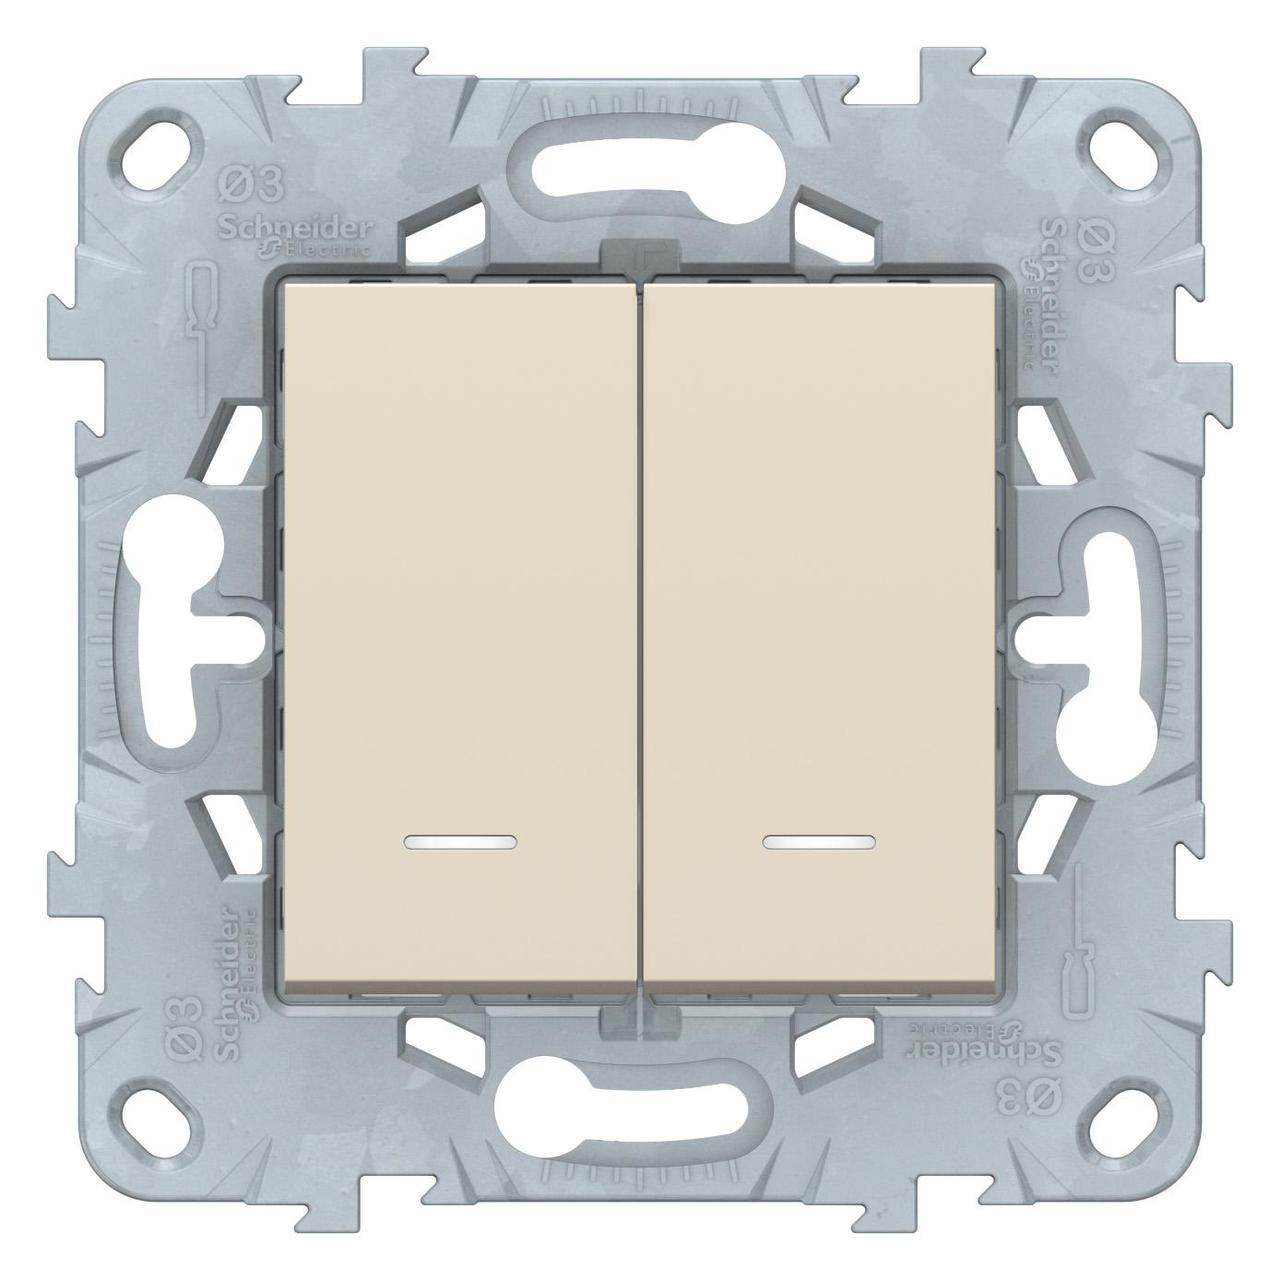 Выключатель 2-клавишный проходной с подсветкой (с двух мест) , Бежевый, серия Unica New, Schneider Electric